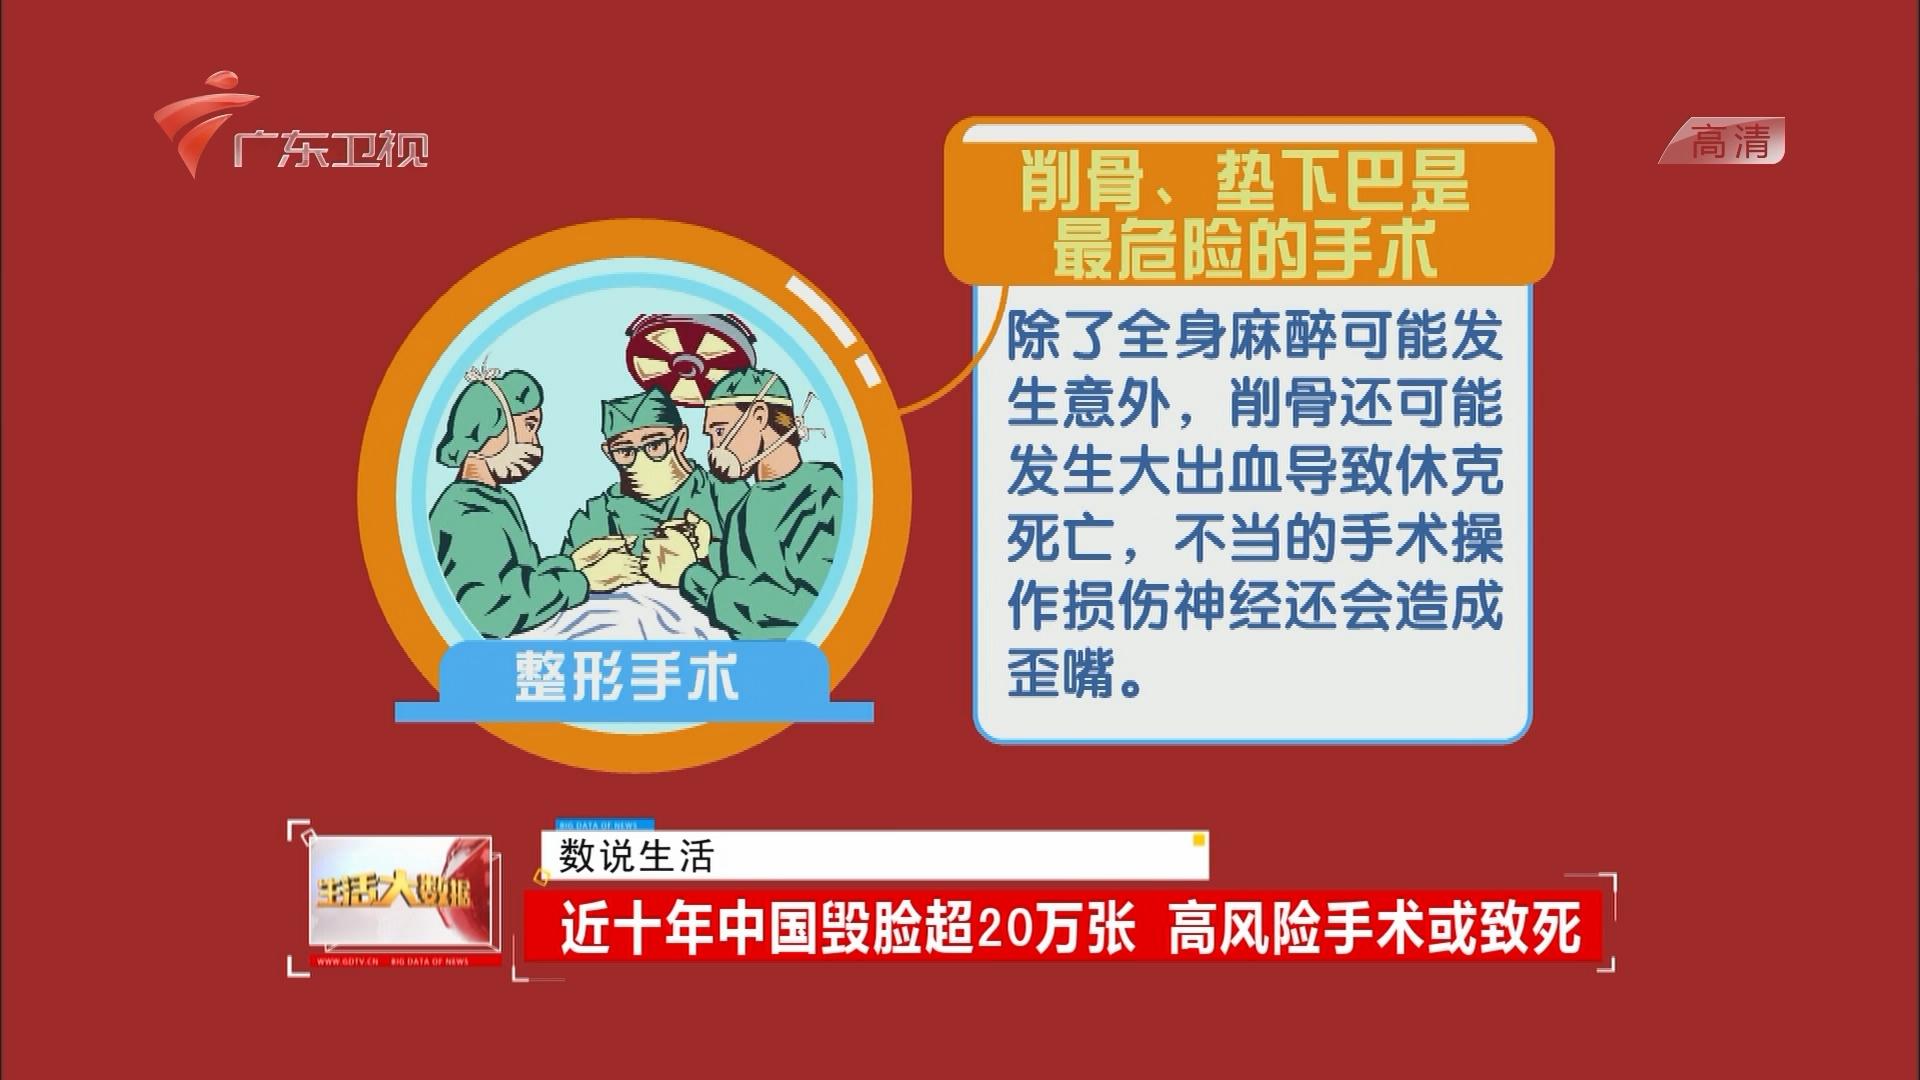 近十年中国毁脸超20万张 高风险手术或致死